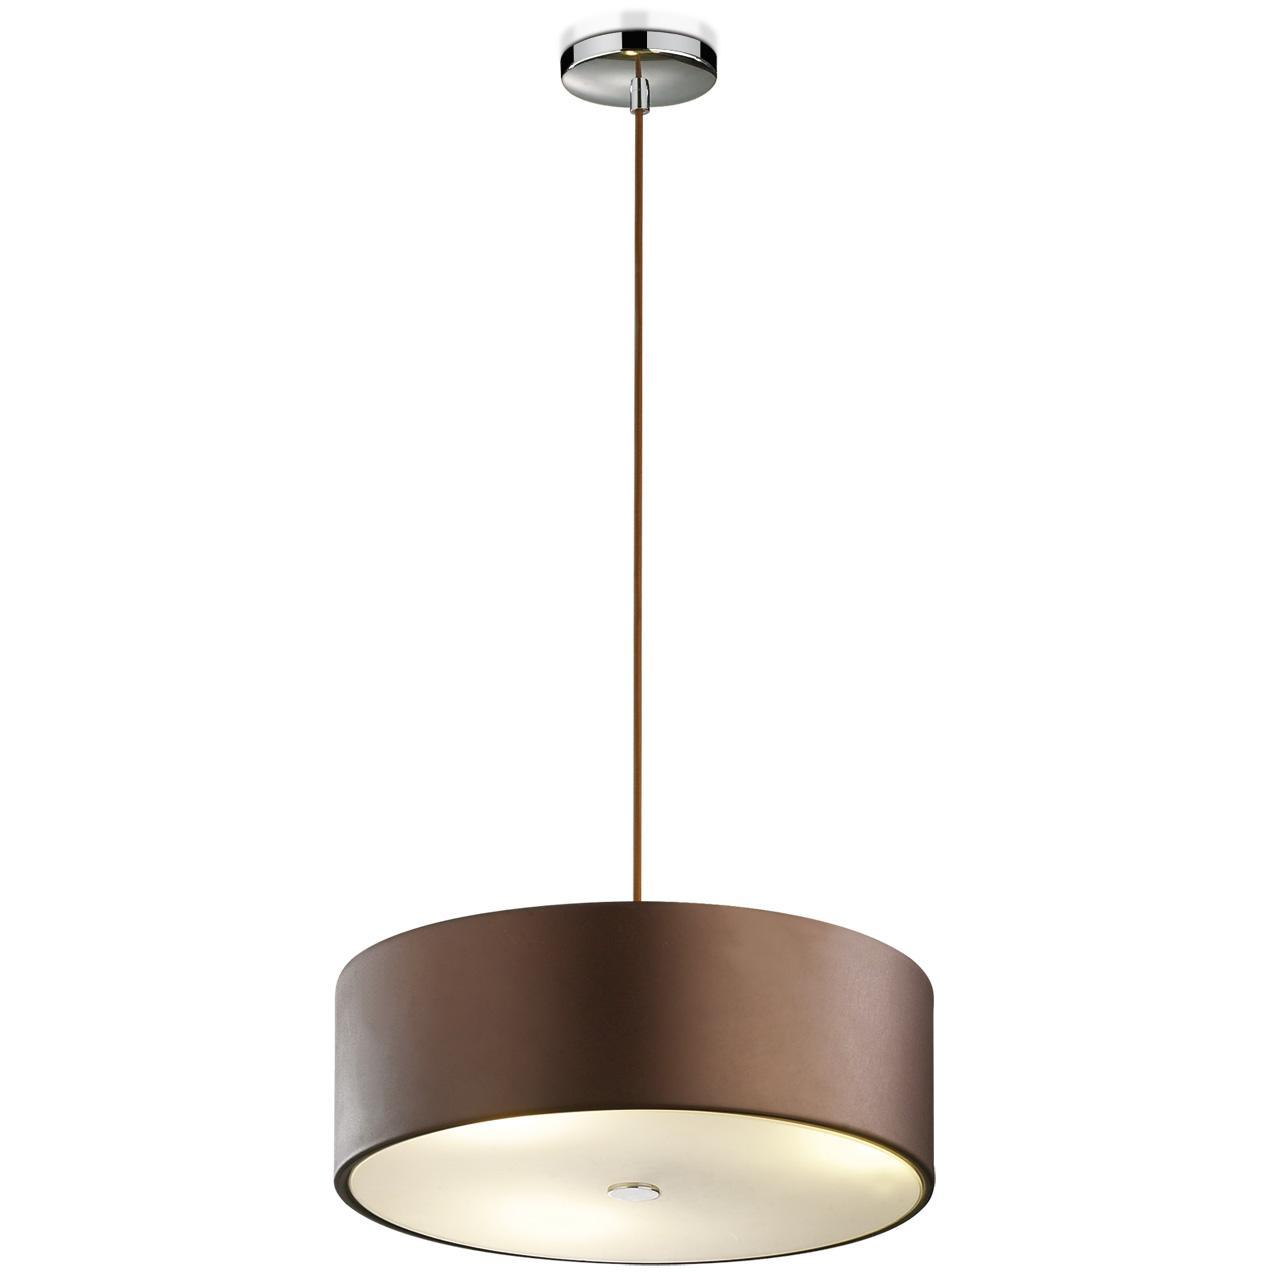 Подвесной светильник Odeon Light Salar 2047/3 потолочная люстра odeon light salar 2047 12c